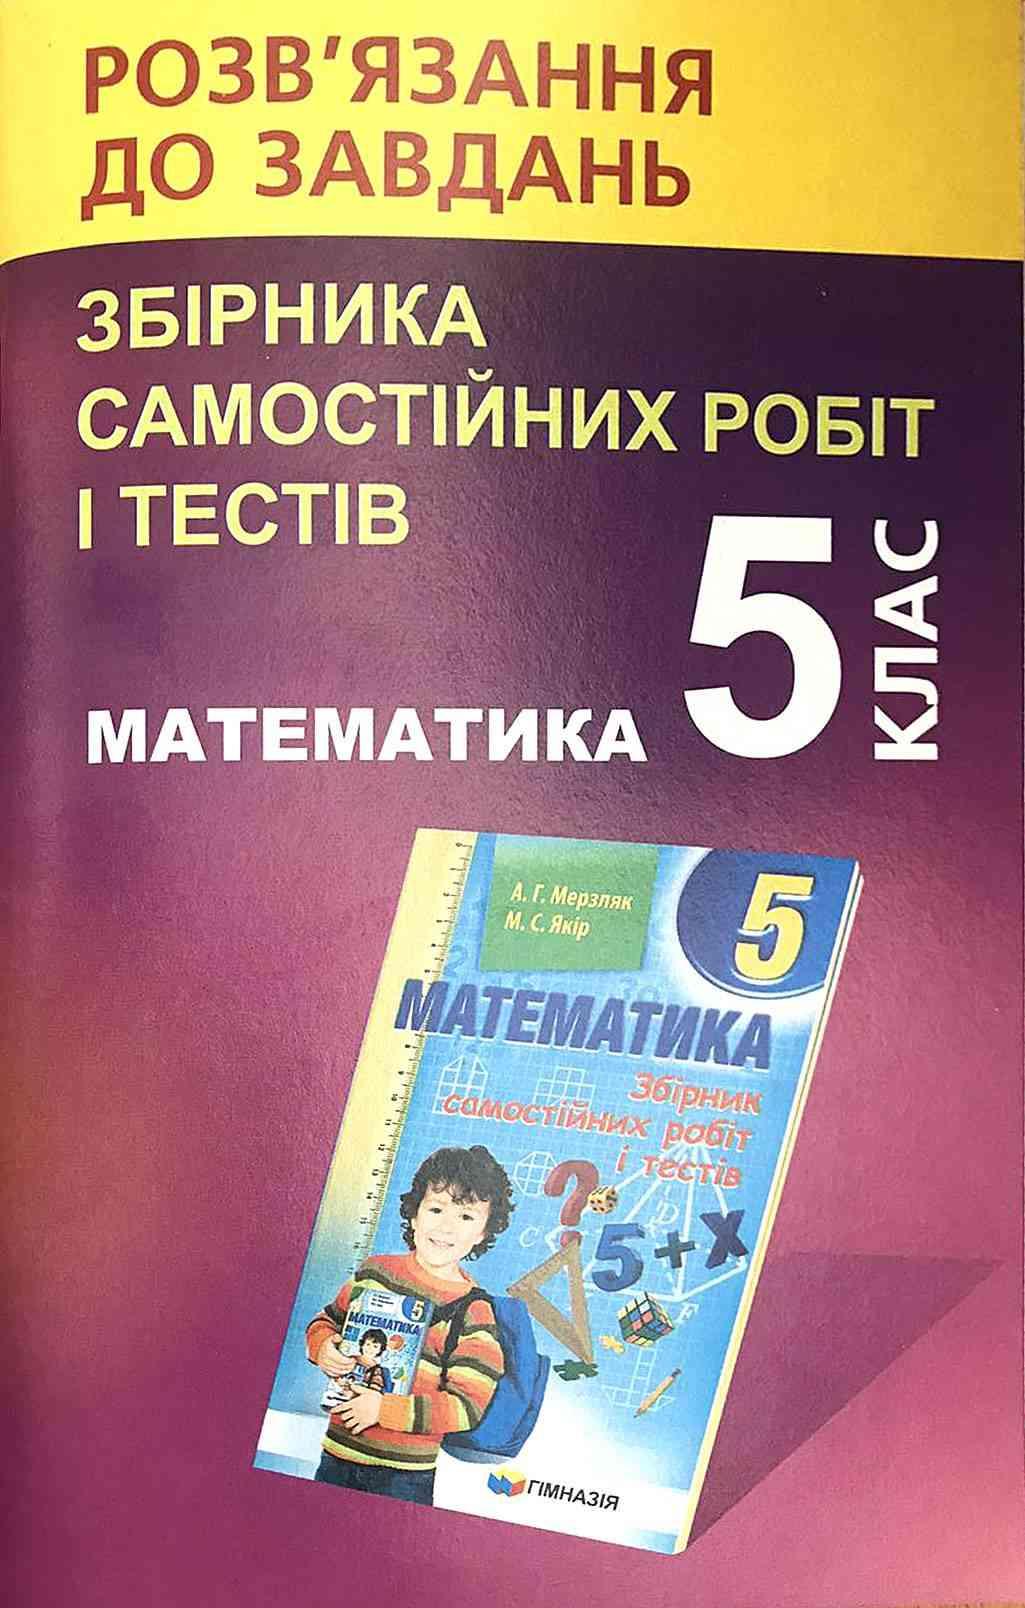 Розв'язання до завдань збірника самостійних робіт і тестів Математика 5 клас Щербань В. Гімназія